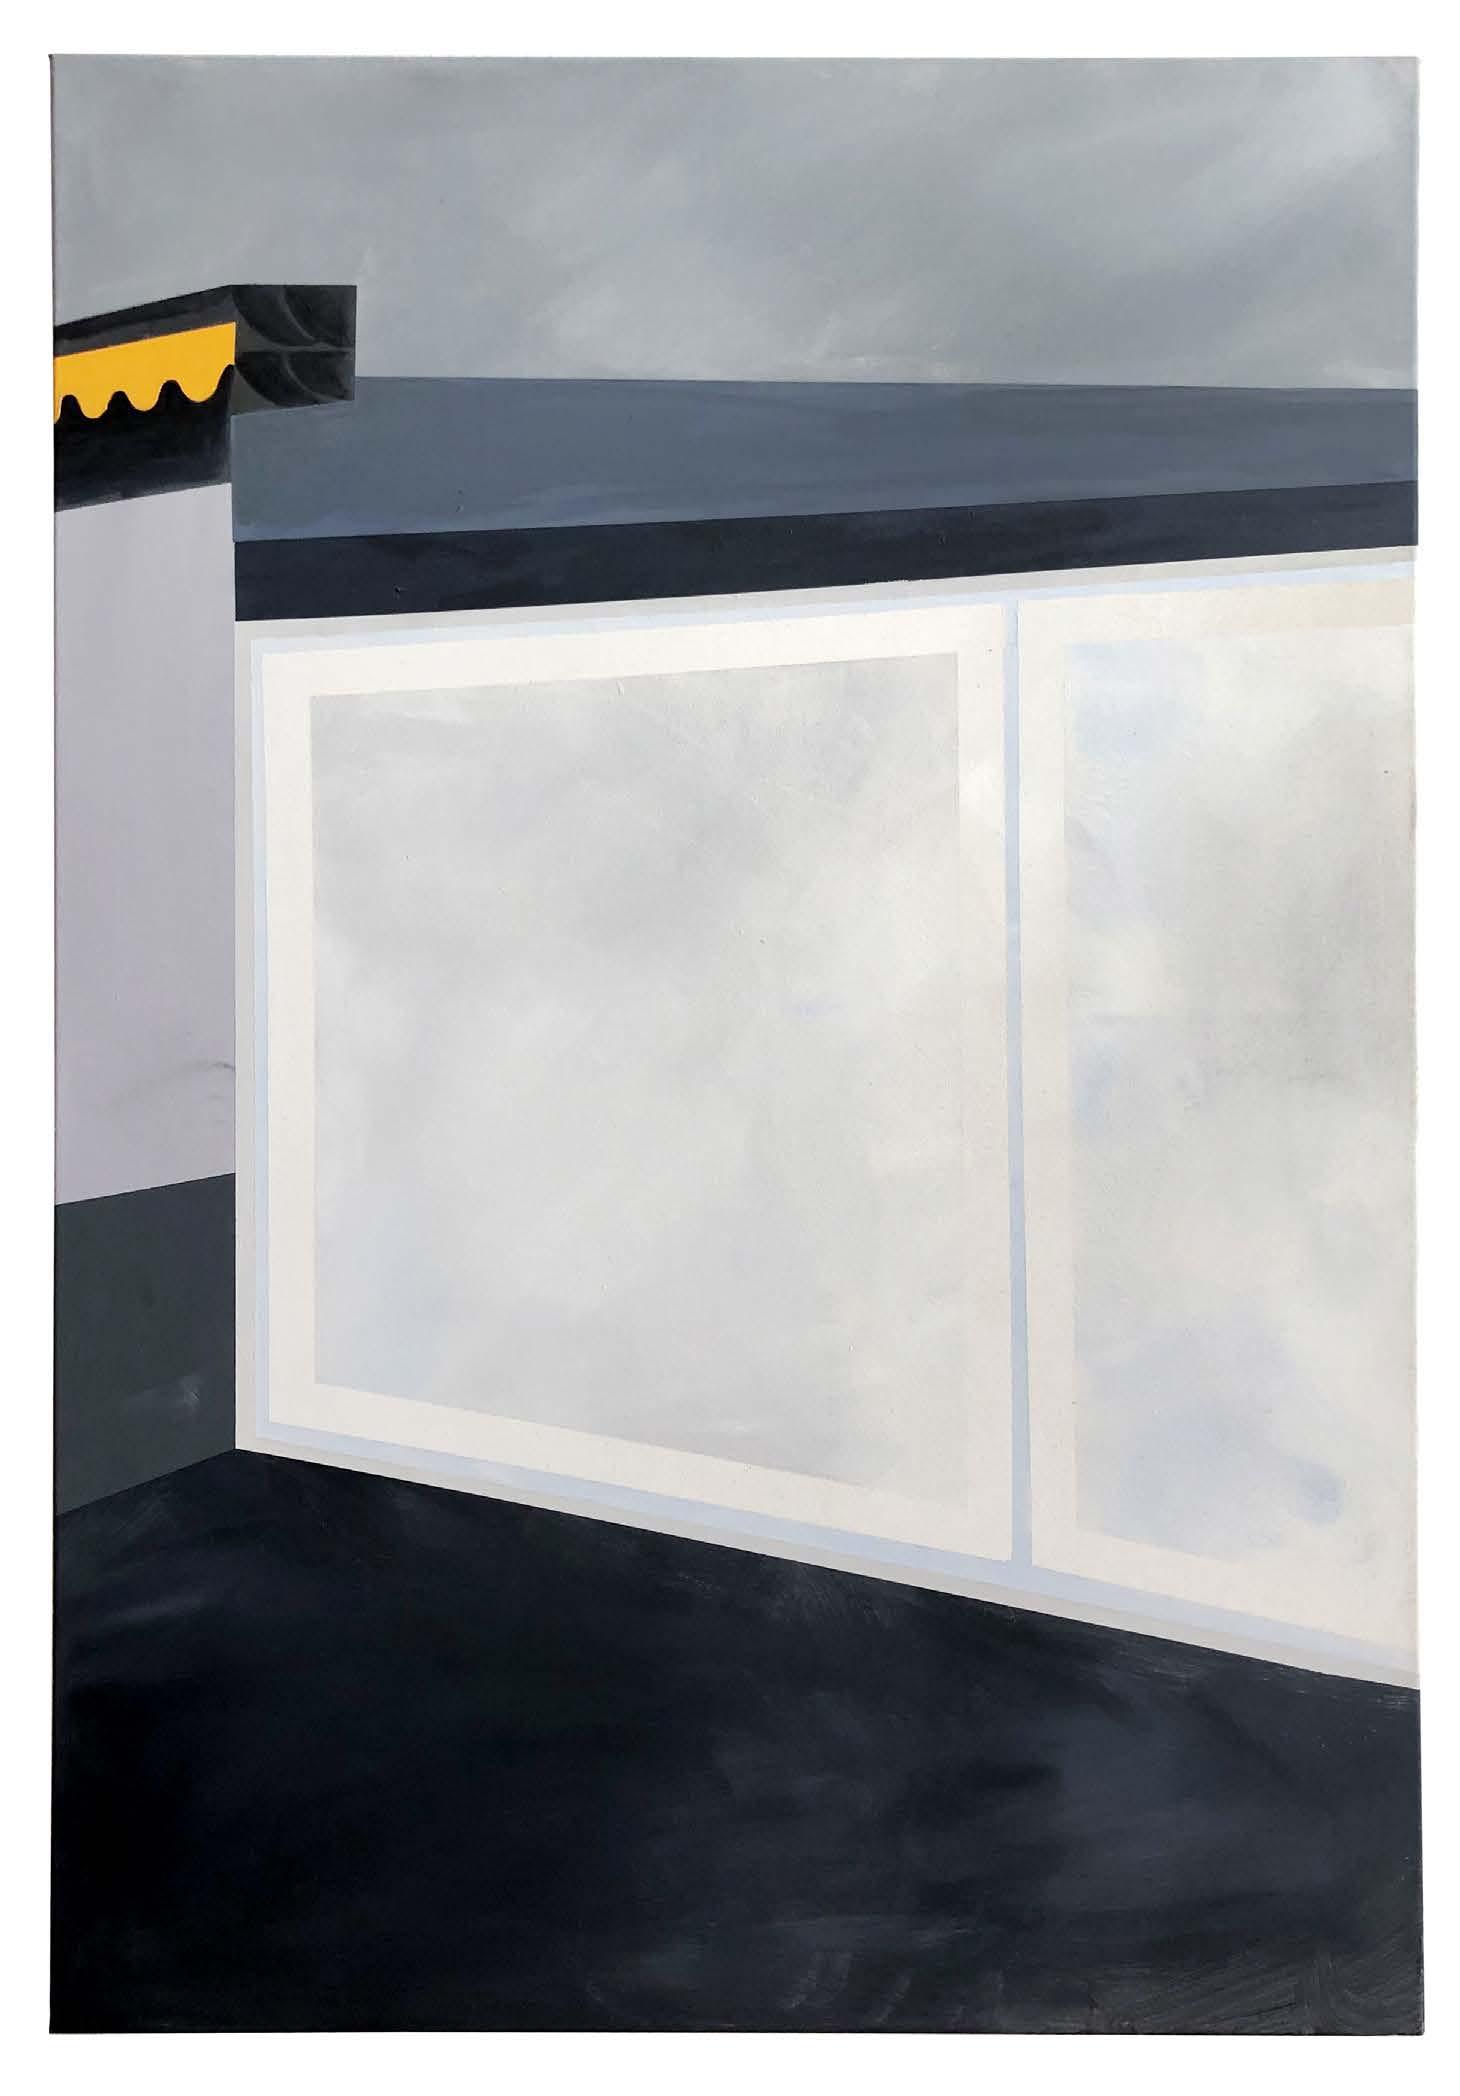 Anna Ley Gleisdreieck 2018 130 x 90 cm Acrylic on canvas